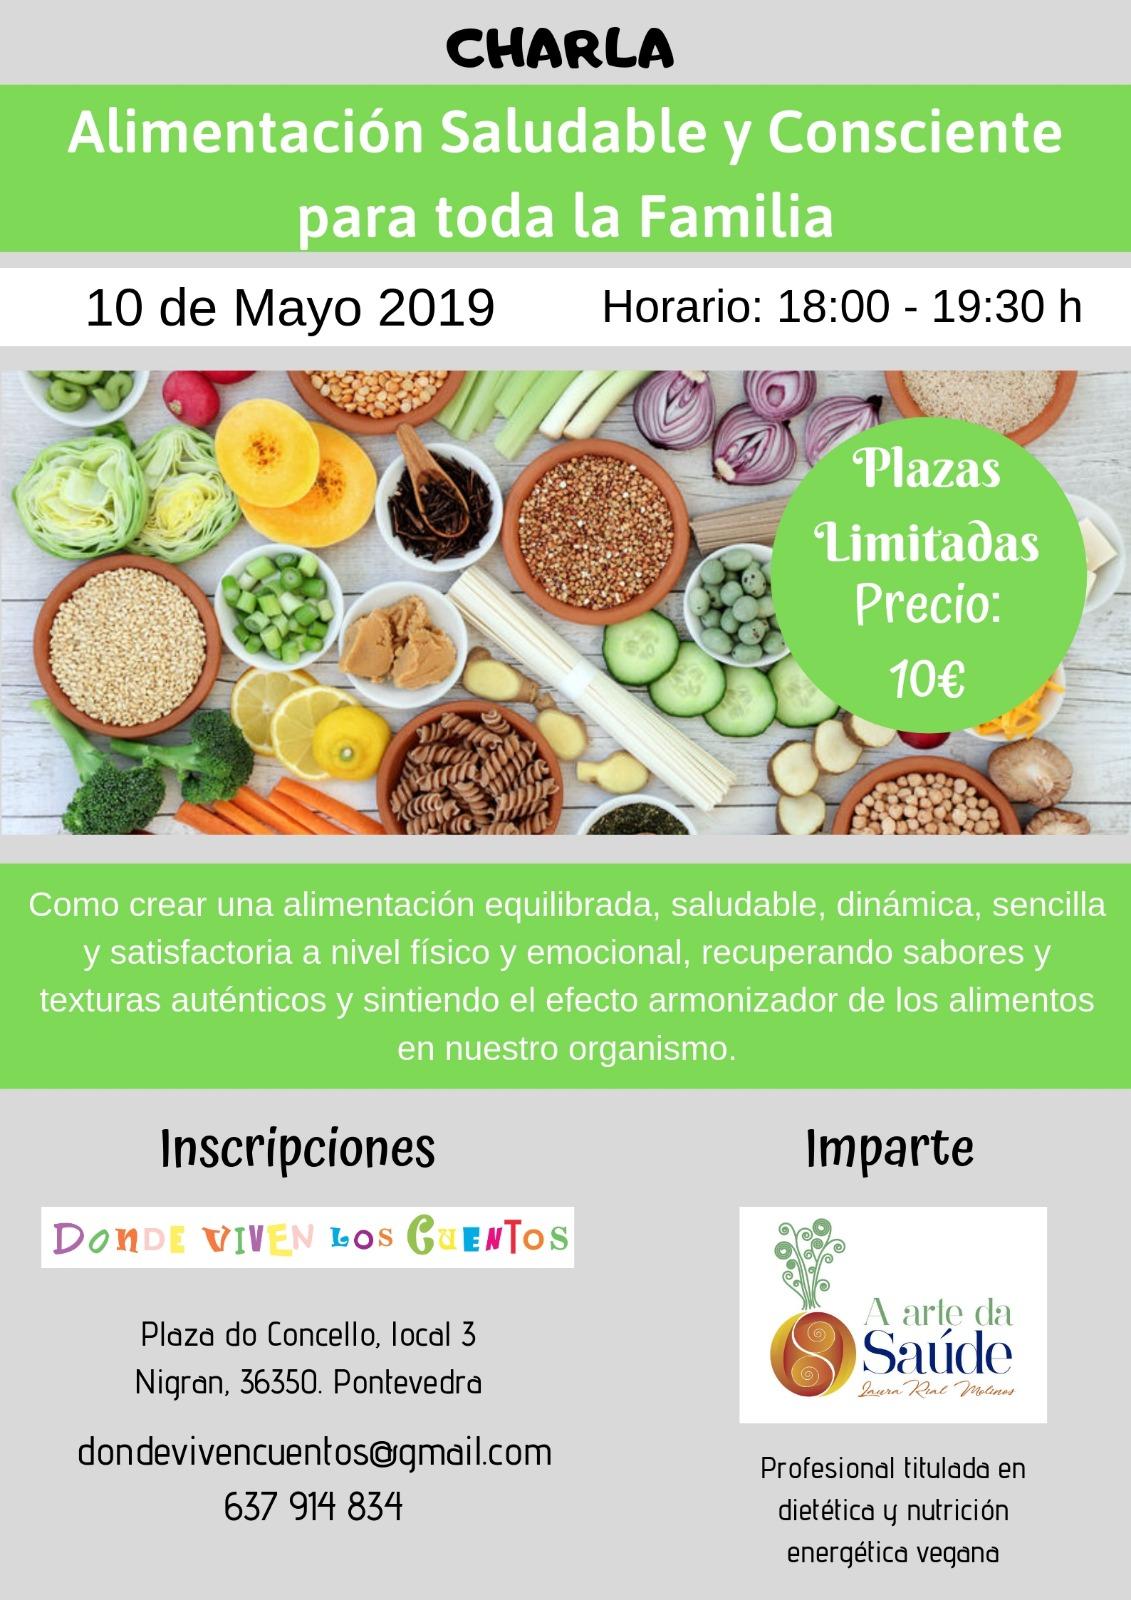 Charla: Alimentación saludable y consciente para toda la familia